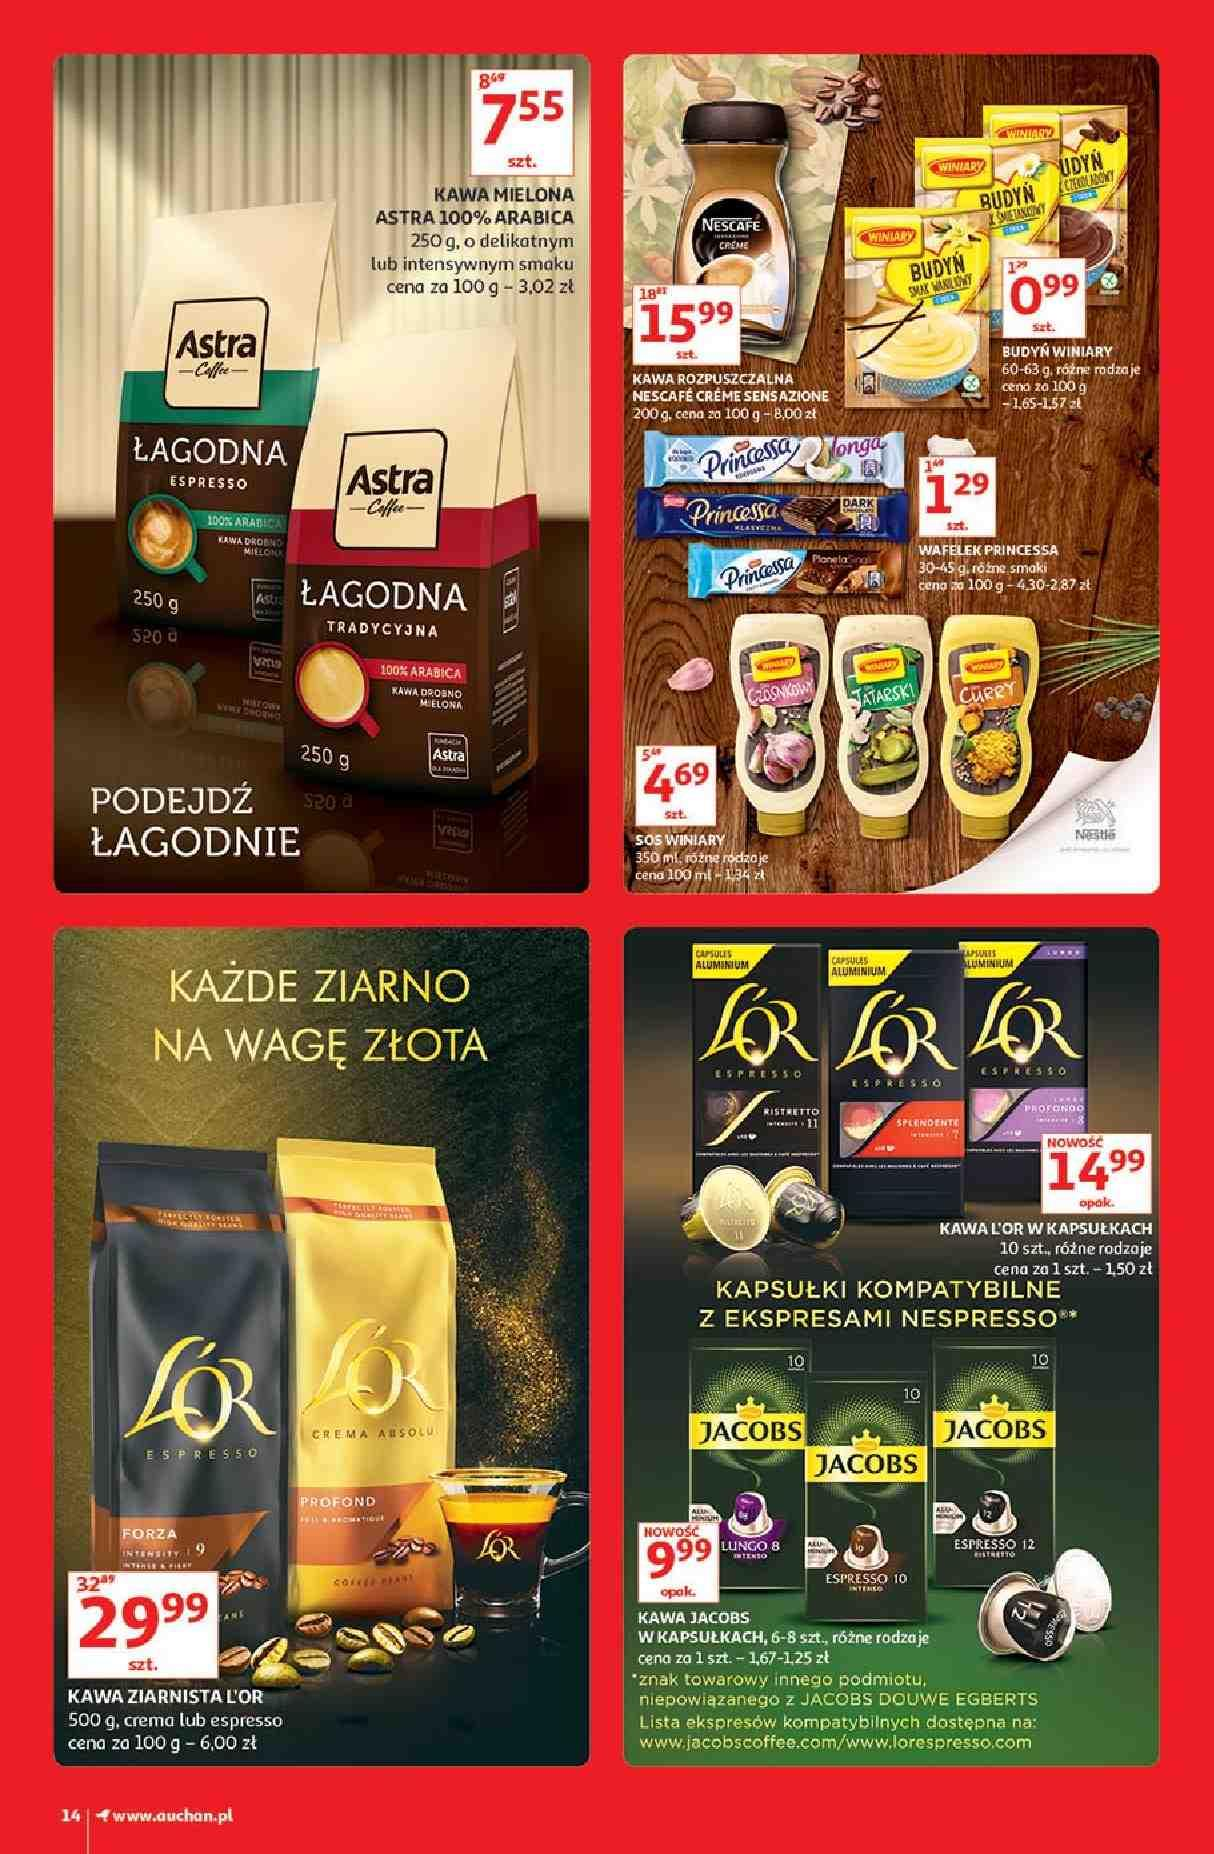 Gazetka promocyjna Auchan do 13/03/2019 str.14